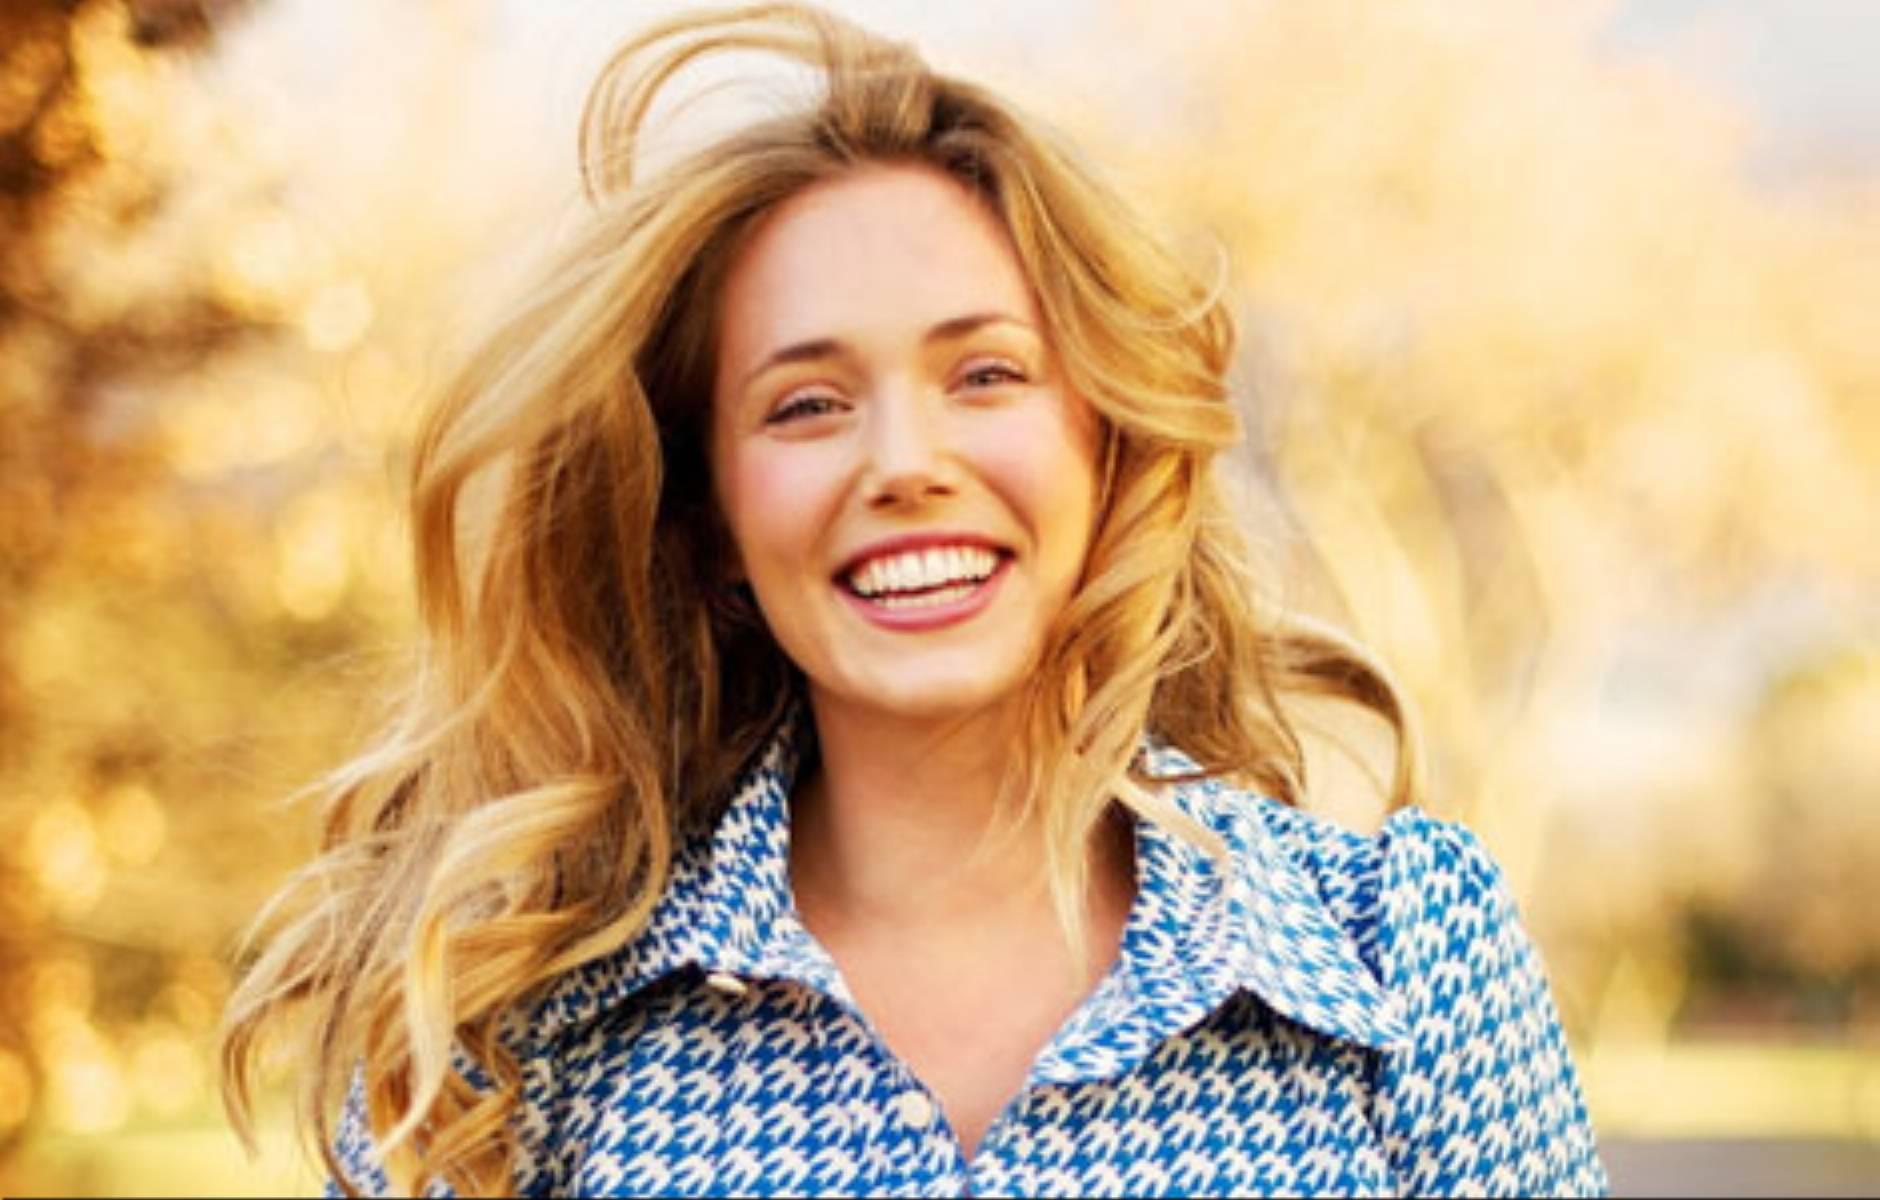 Usmiechnieta kobieta